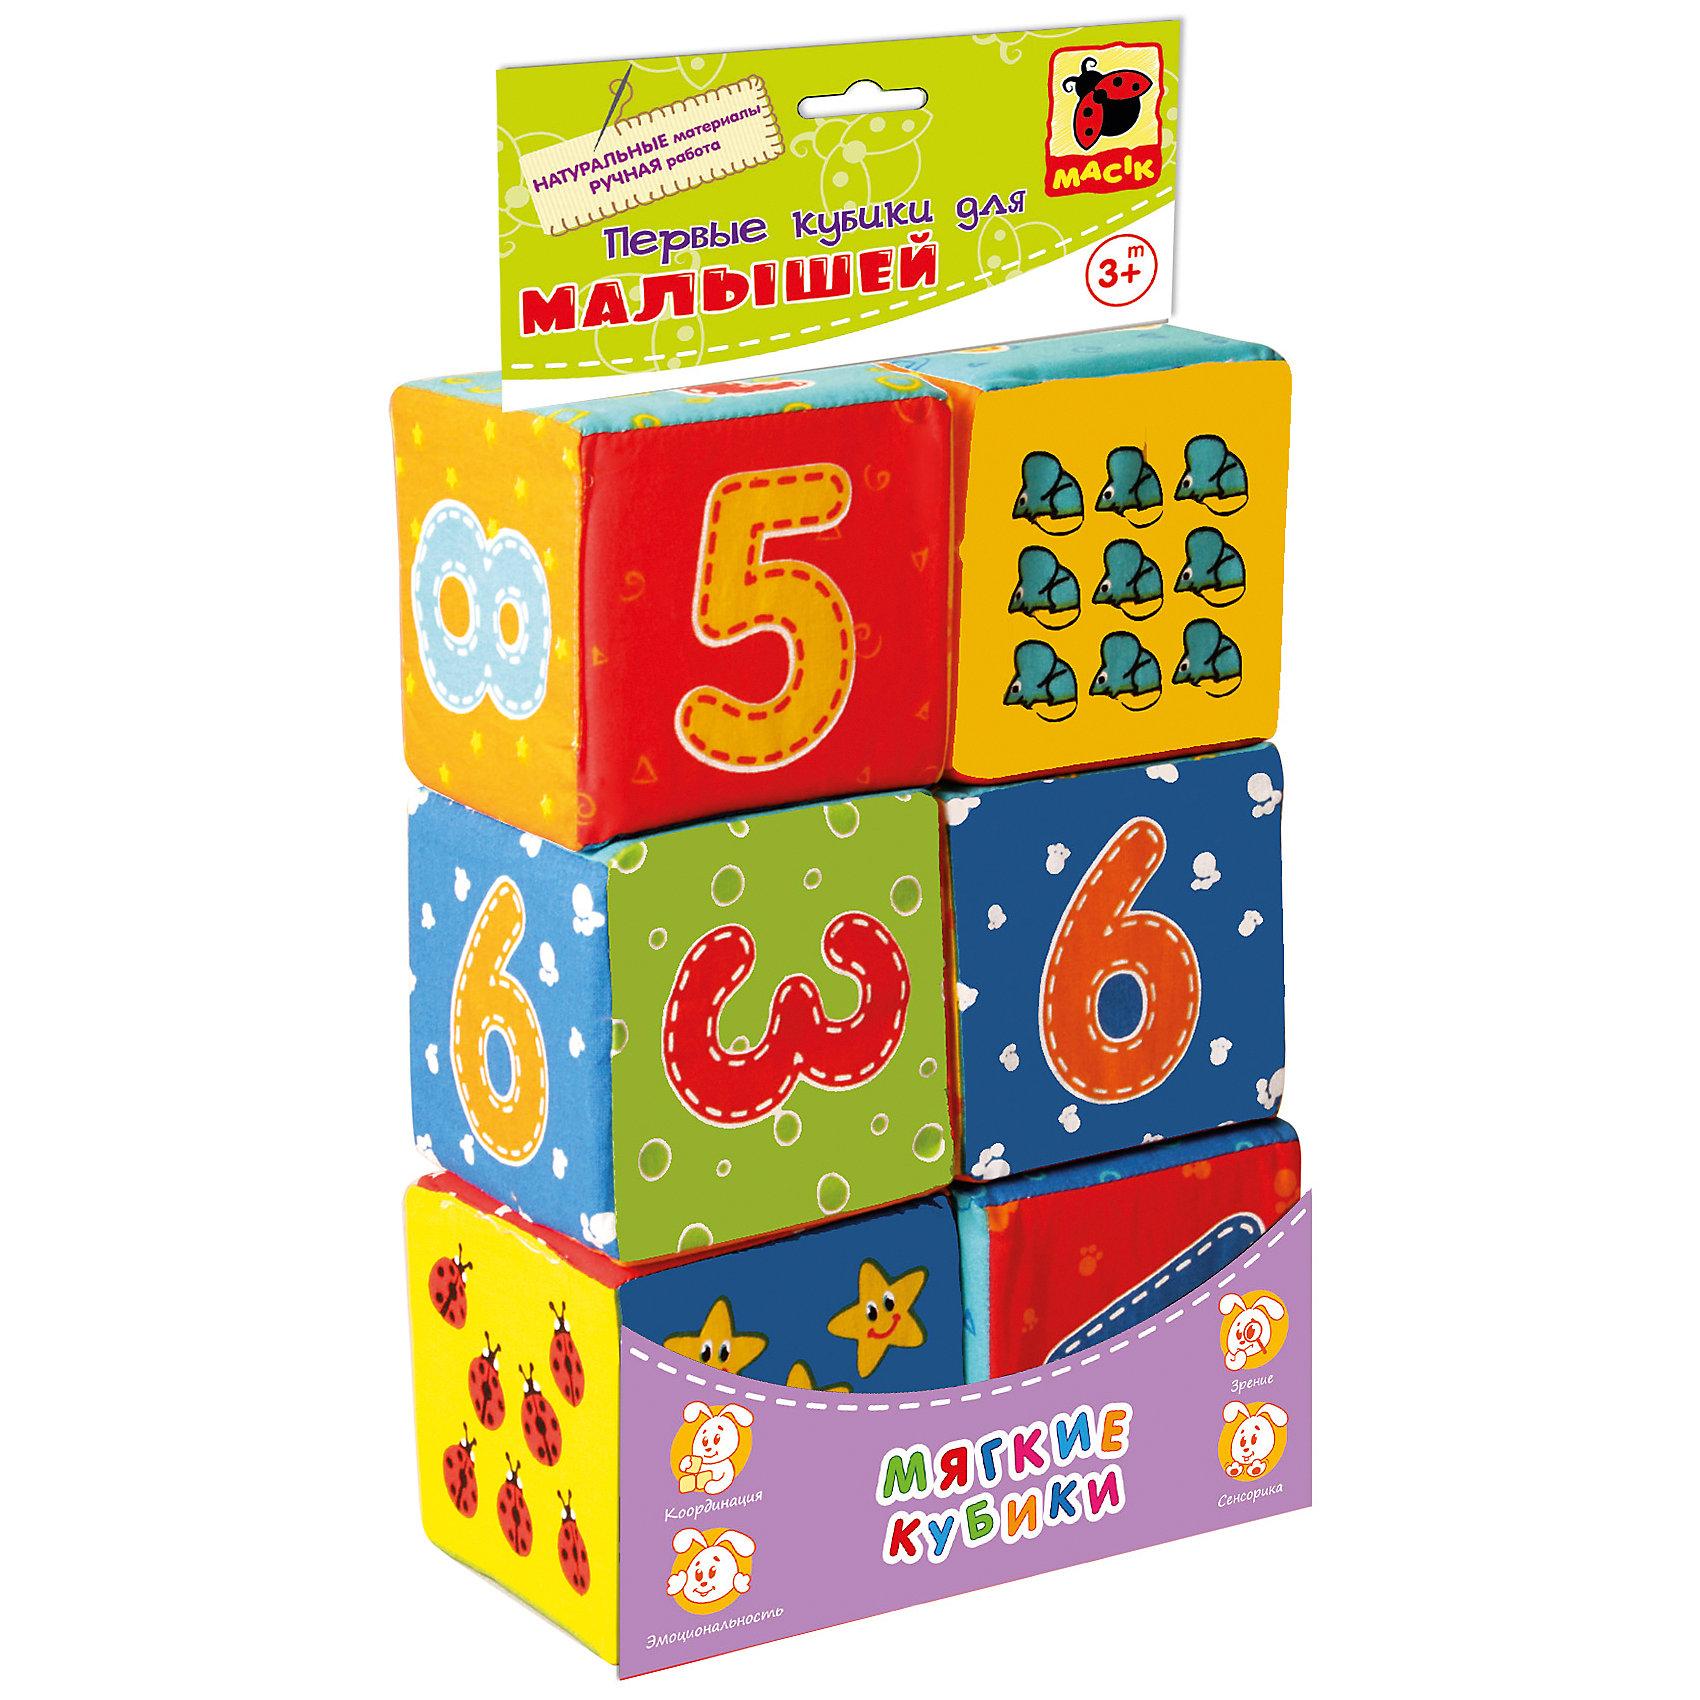 Набор мягких кубиков Цифры, Малышок, Vladi ToysКубики<br>Набор мягких кубиков Цифры, Малышок, Vladi Toys<br><br>Характеристики:<br><br>• Материал: текстиль<br>• Количество кубиков: 6 штук<br>• Размер кубика: 8х8х8 см<br><br>Кубики сделаны из натурального материала. Они мягкие и полностью безопасные для маленьких детей. Каждый кубик содержит в себе цифры, знаки, и картинку, выражающую число. Цифры от 1 до 9 повторяются по два раза. Ребенок сможет использовать кубики чтобы научиться решать примеры с помощью игры.<br><br>Набор мягких кубиков Цифры, Малышок, Vladi Toys можно купить в нашем интернет-магазине.<br><br>Ширина мм: 330<br>Глубина мм: 85<br>Высота мм: 165<br>Вес г: 110<br>Возраст от месяцев: 12<br>Возраст до месяцев: 36<br>Пол: Унисекс<br>Возраст: Детский<br>SKU: 5253053